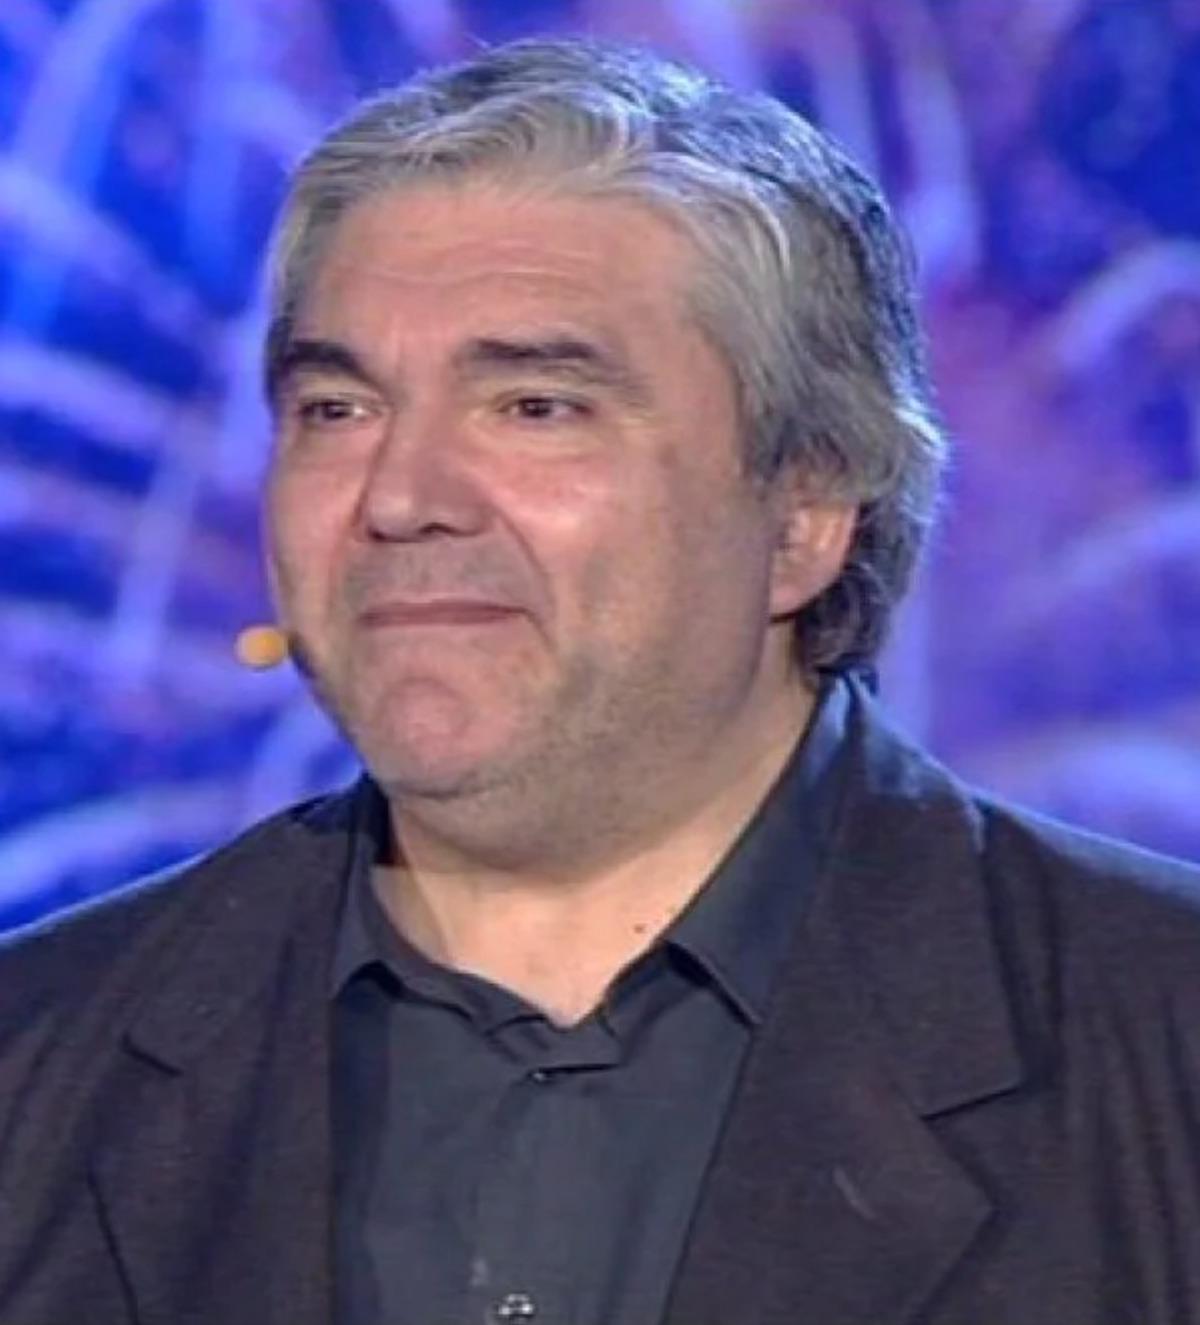 lutto italia's got talent morto mr. anthony antonio valenti